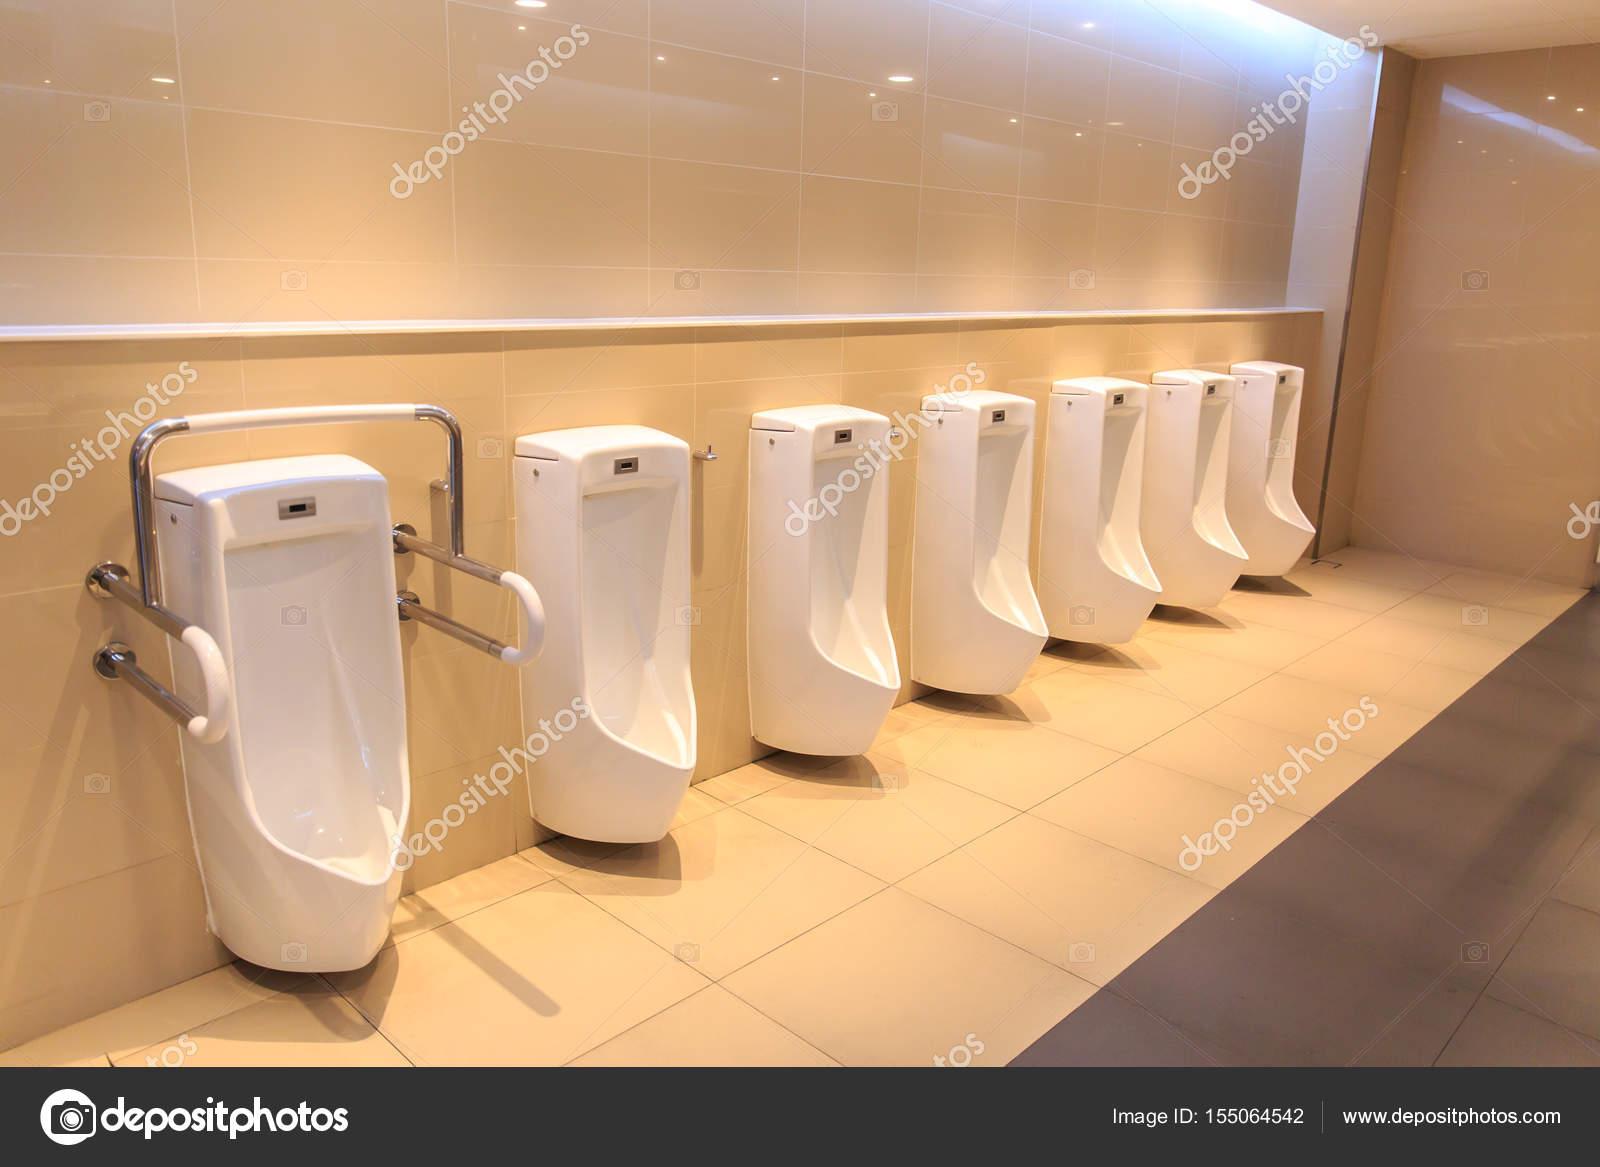 Schoon toilet urine wastafel rij. nieuwe moderne wc pot in de